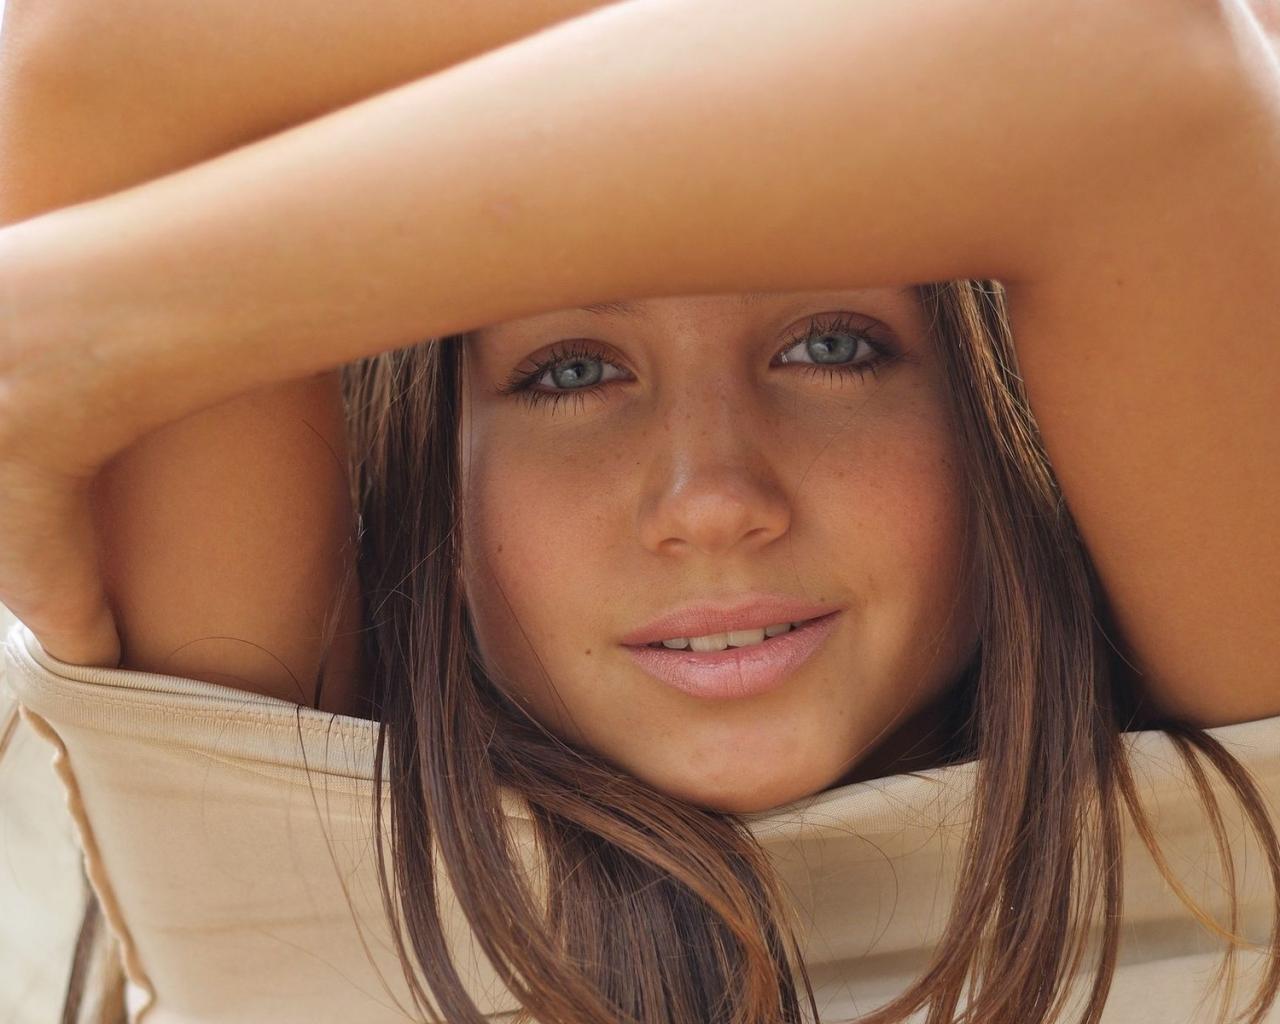 Девушка милая взгляд улыбка глаза